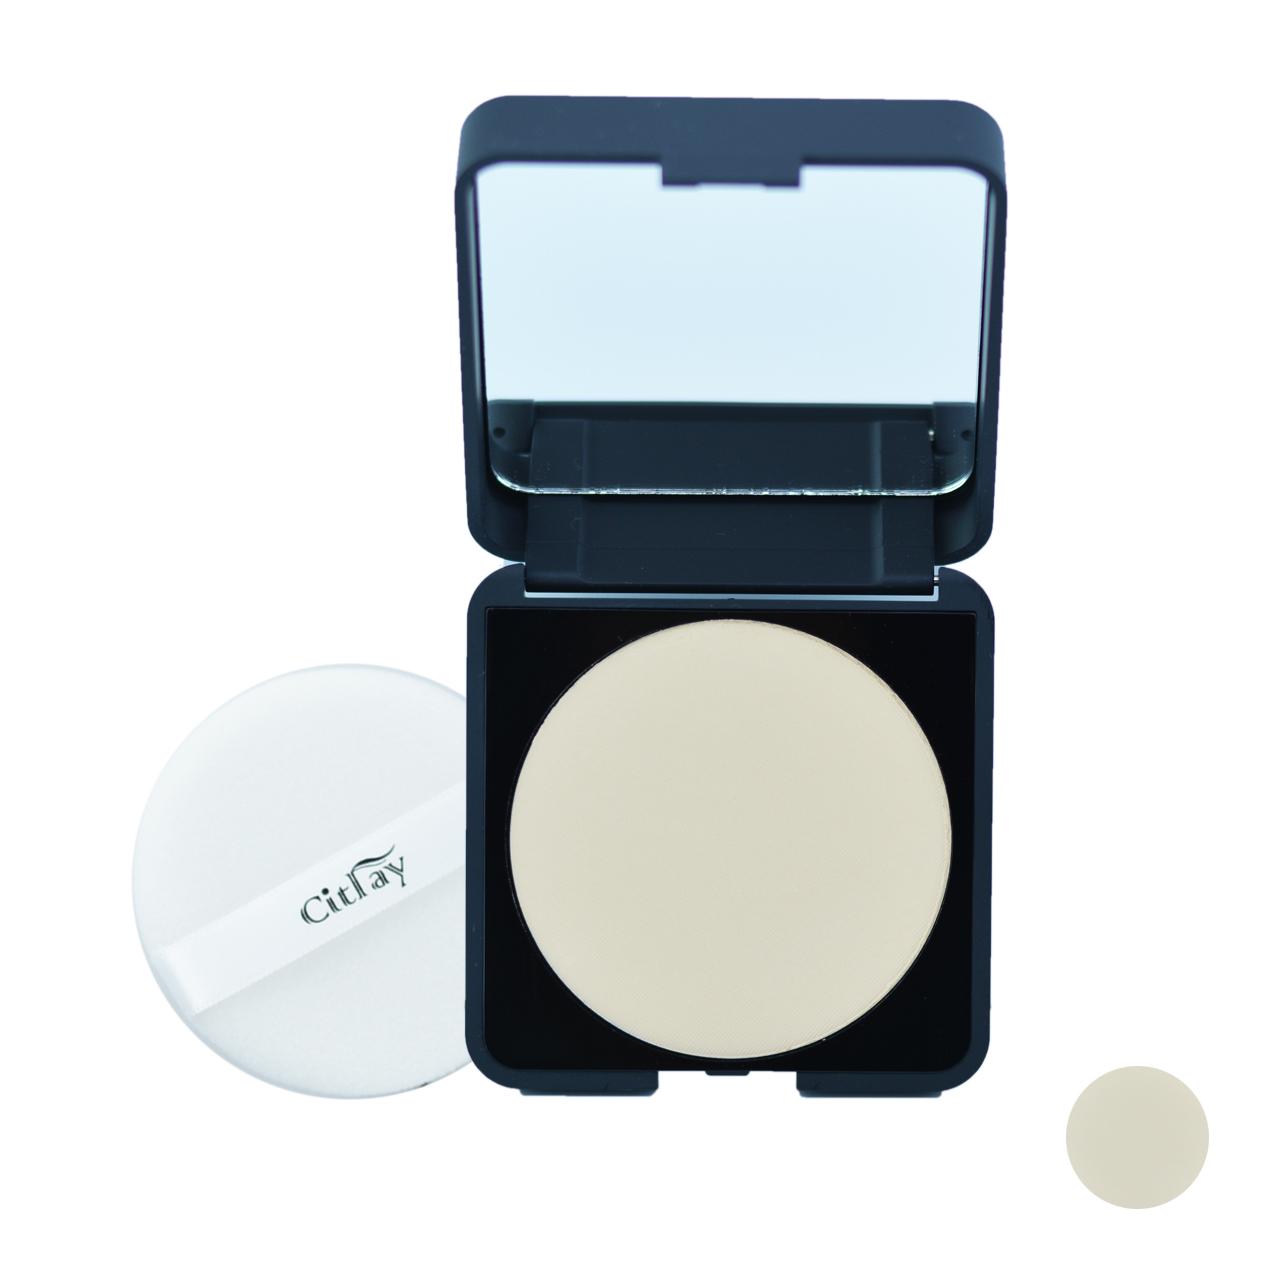 پنکیک سیترای مدل Soft Compact Powder شماره 202